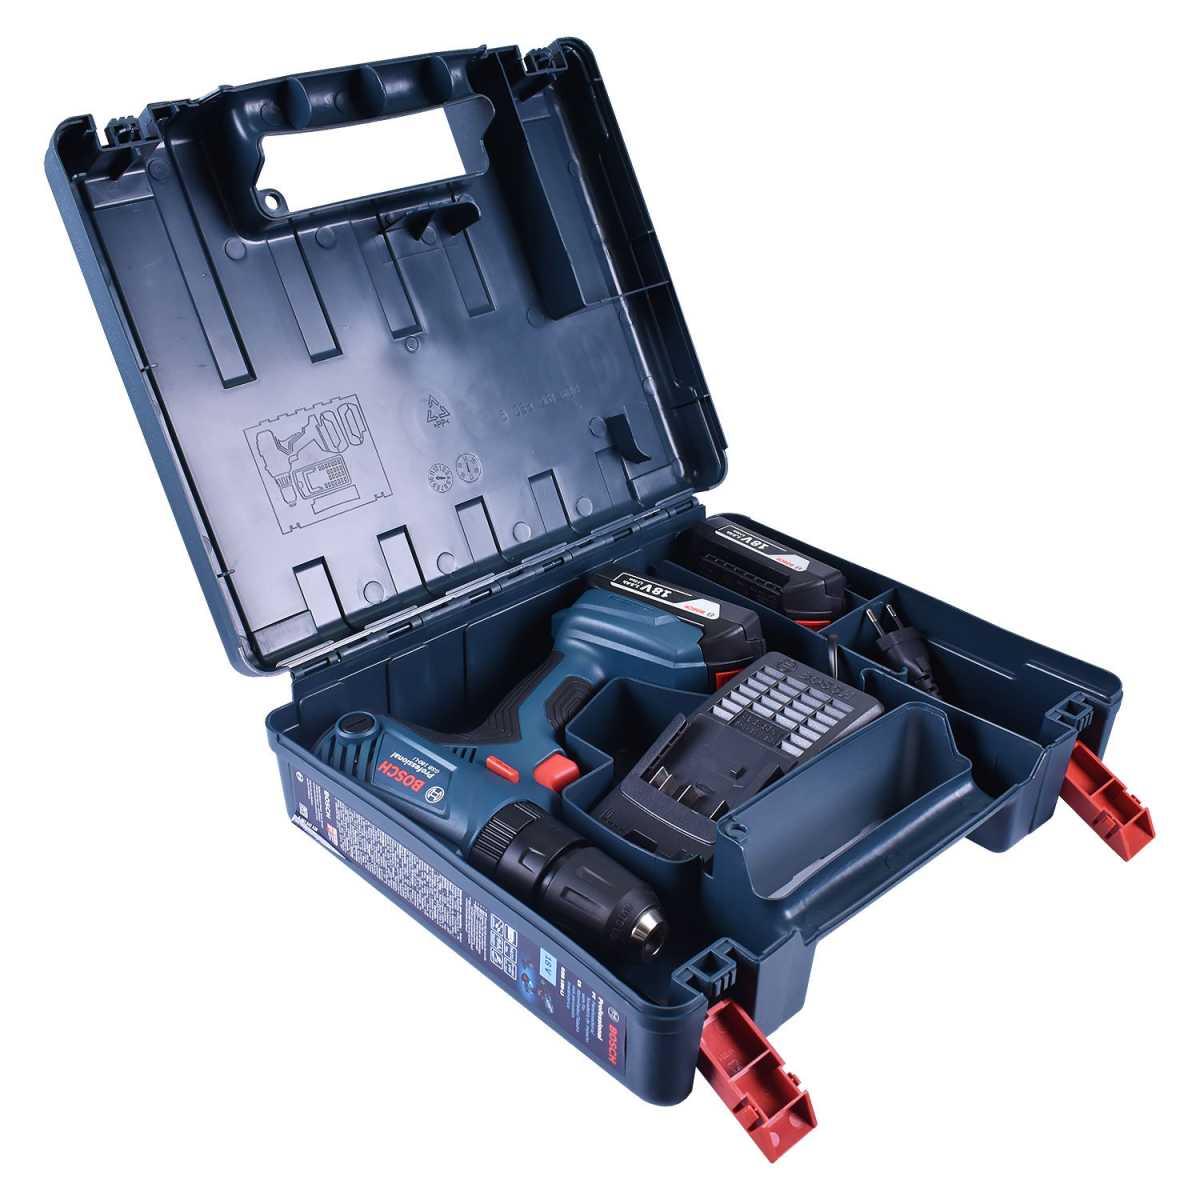 Parafusadeira a bateria GSB 180-LI, 18 V - Bosch